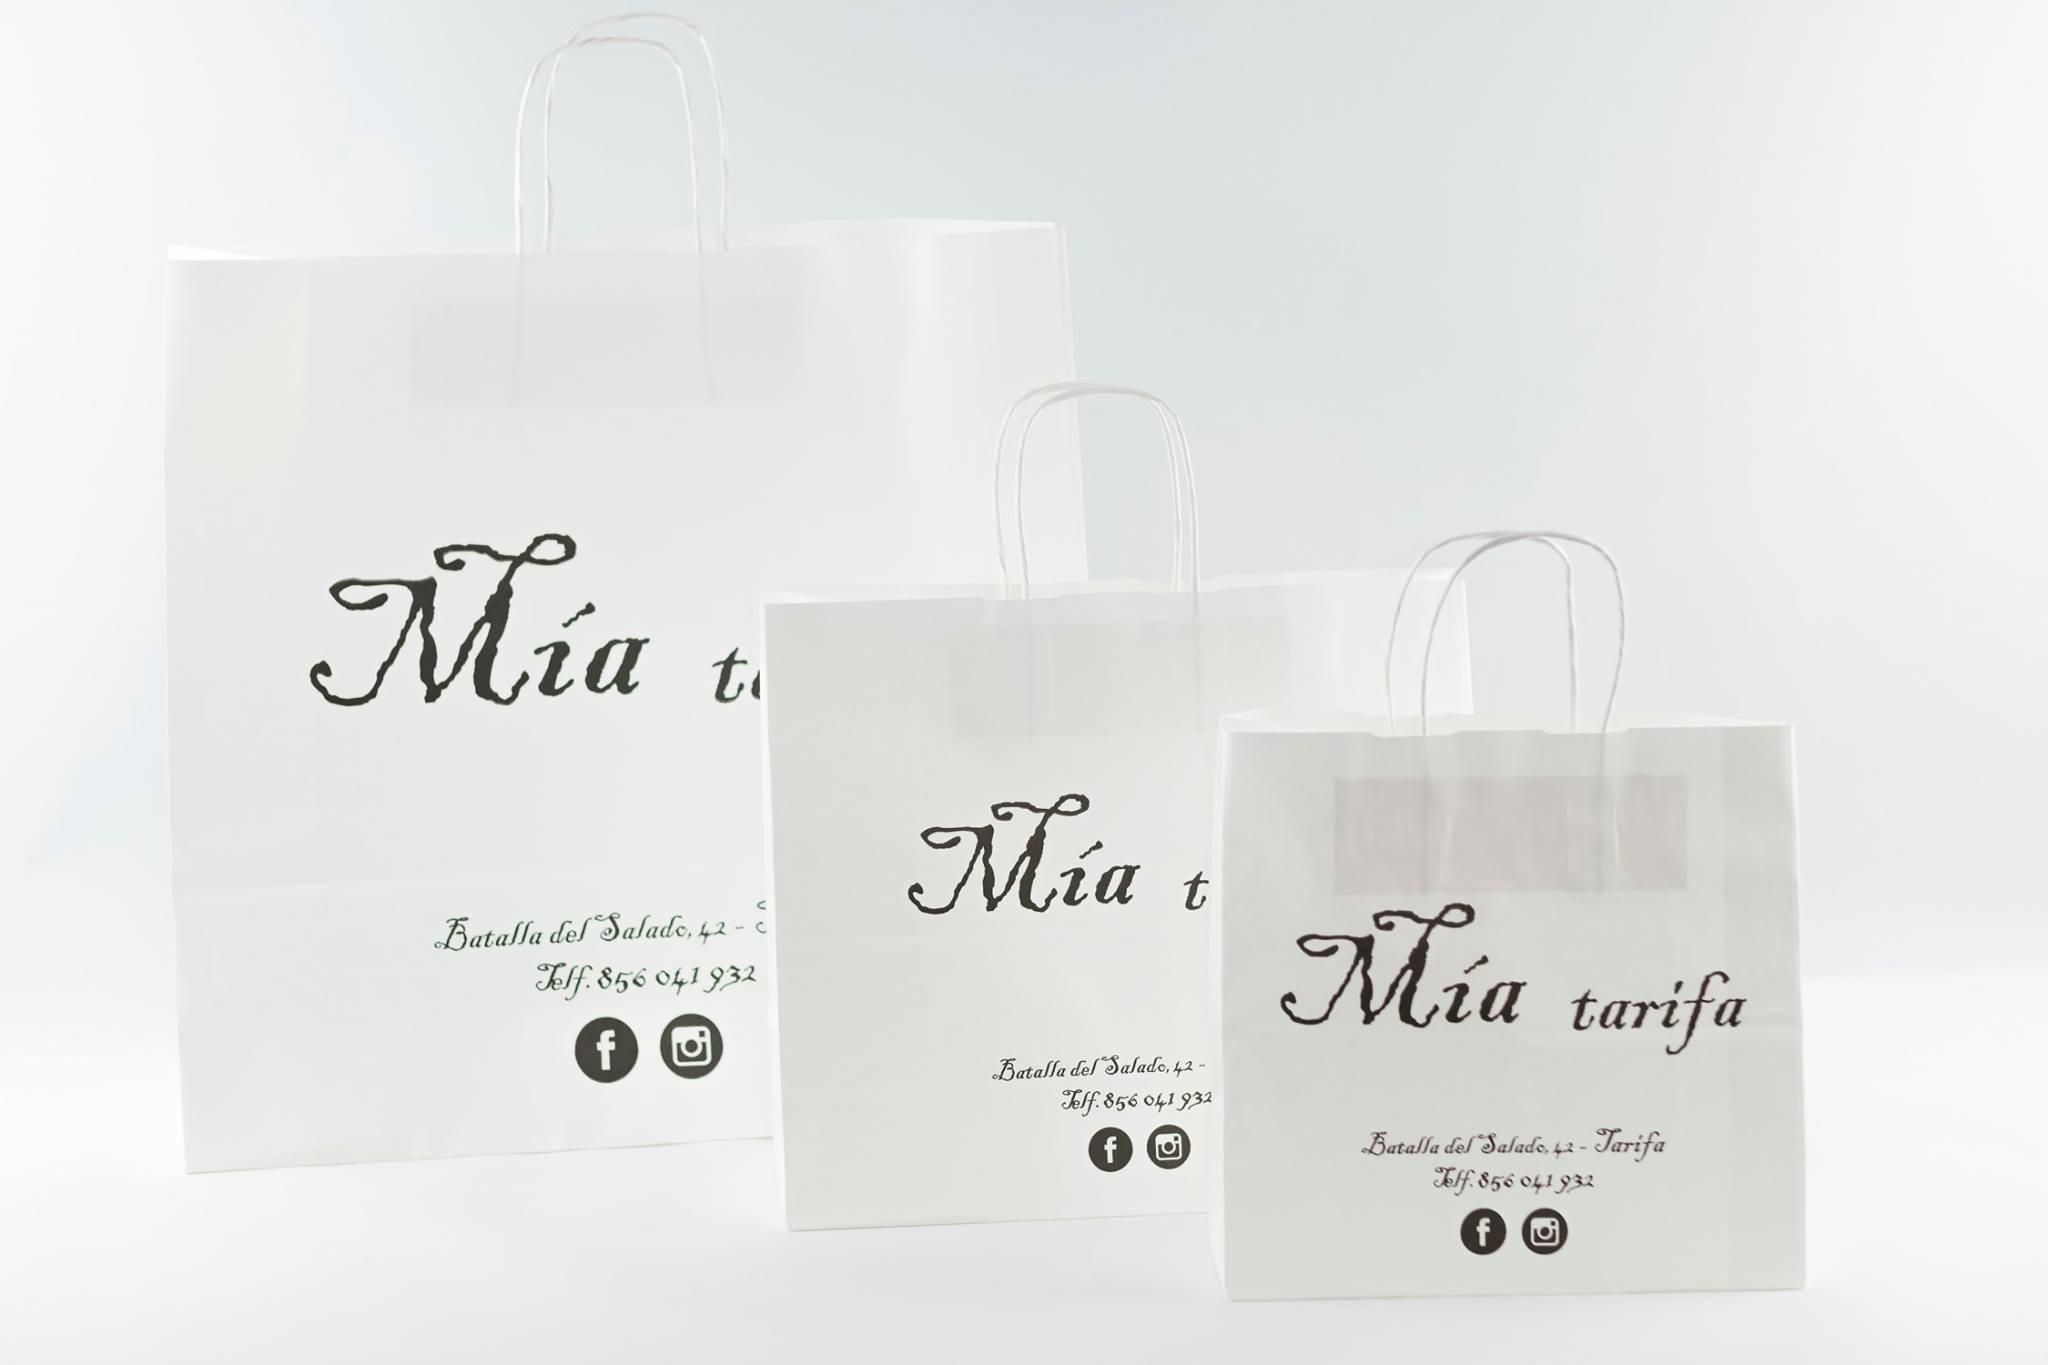 Mia Tarifa